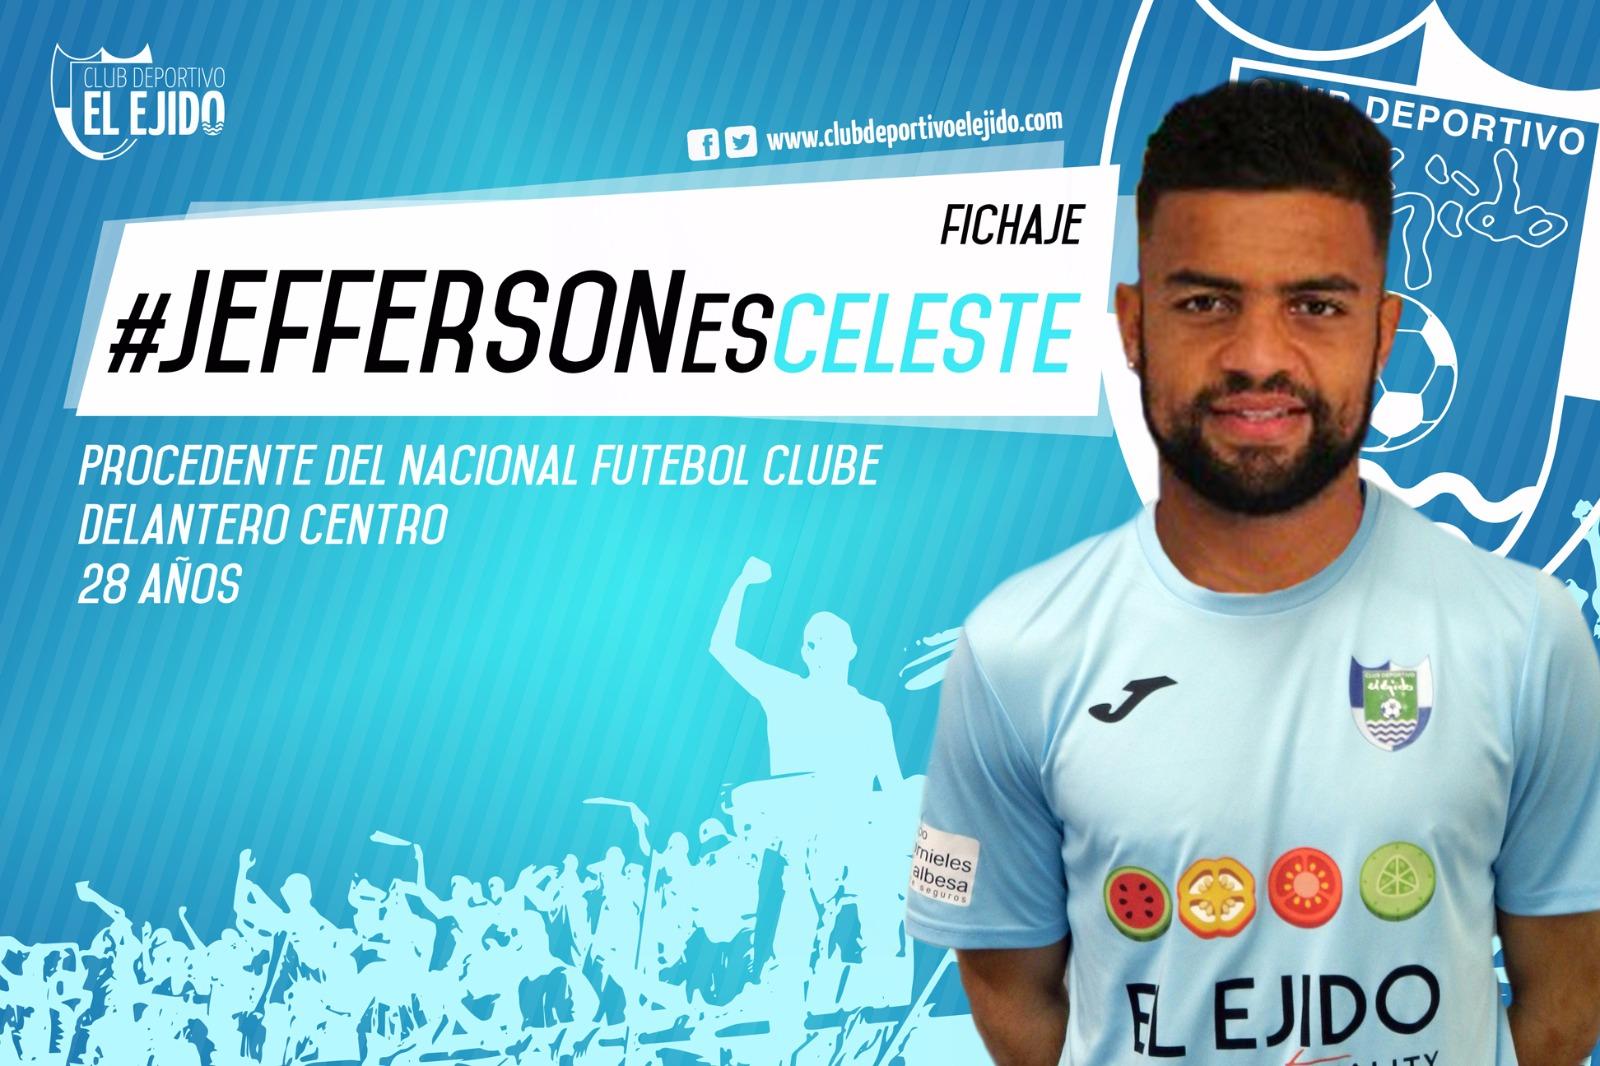 El brasileño Jefferson refuerza la delantera celeste